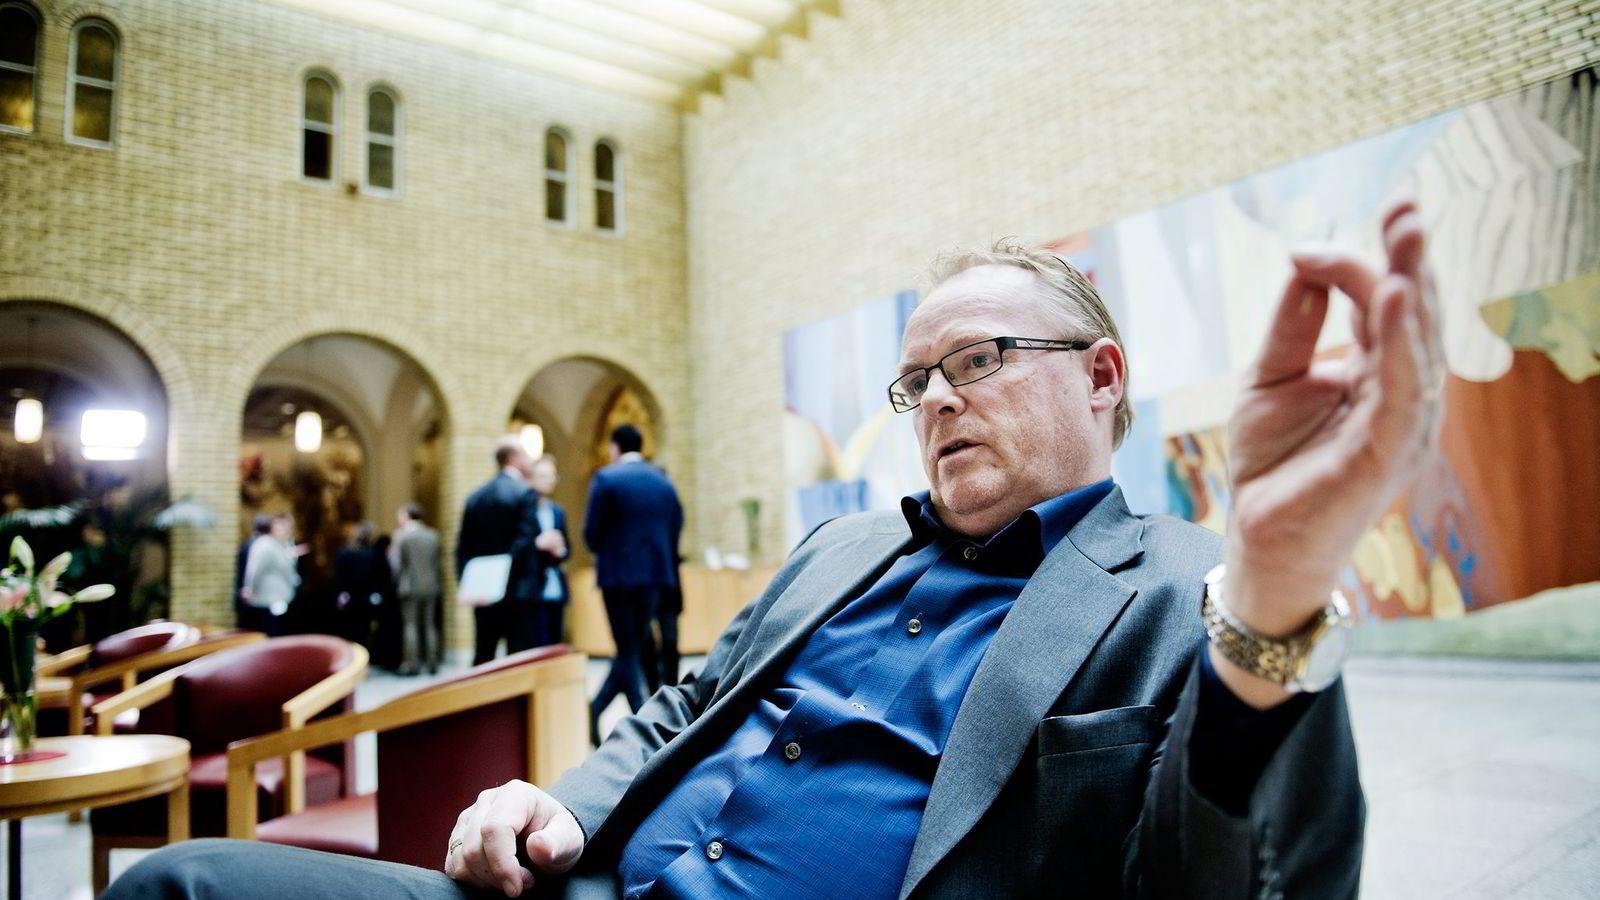 Nestleder Per Sandberg i Frp mener vårens landsstyremøte blir viktig for å skape entusiasme og optimisme rundt partiet.